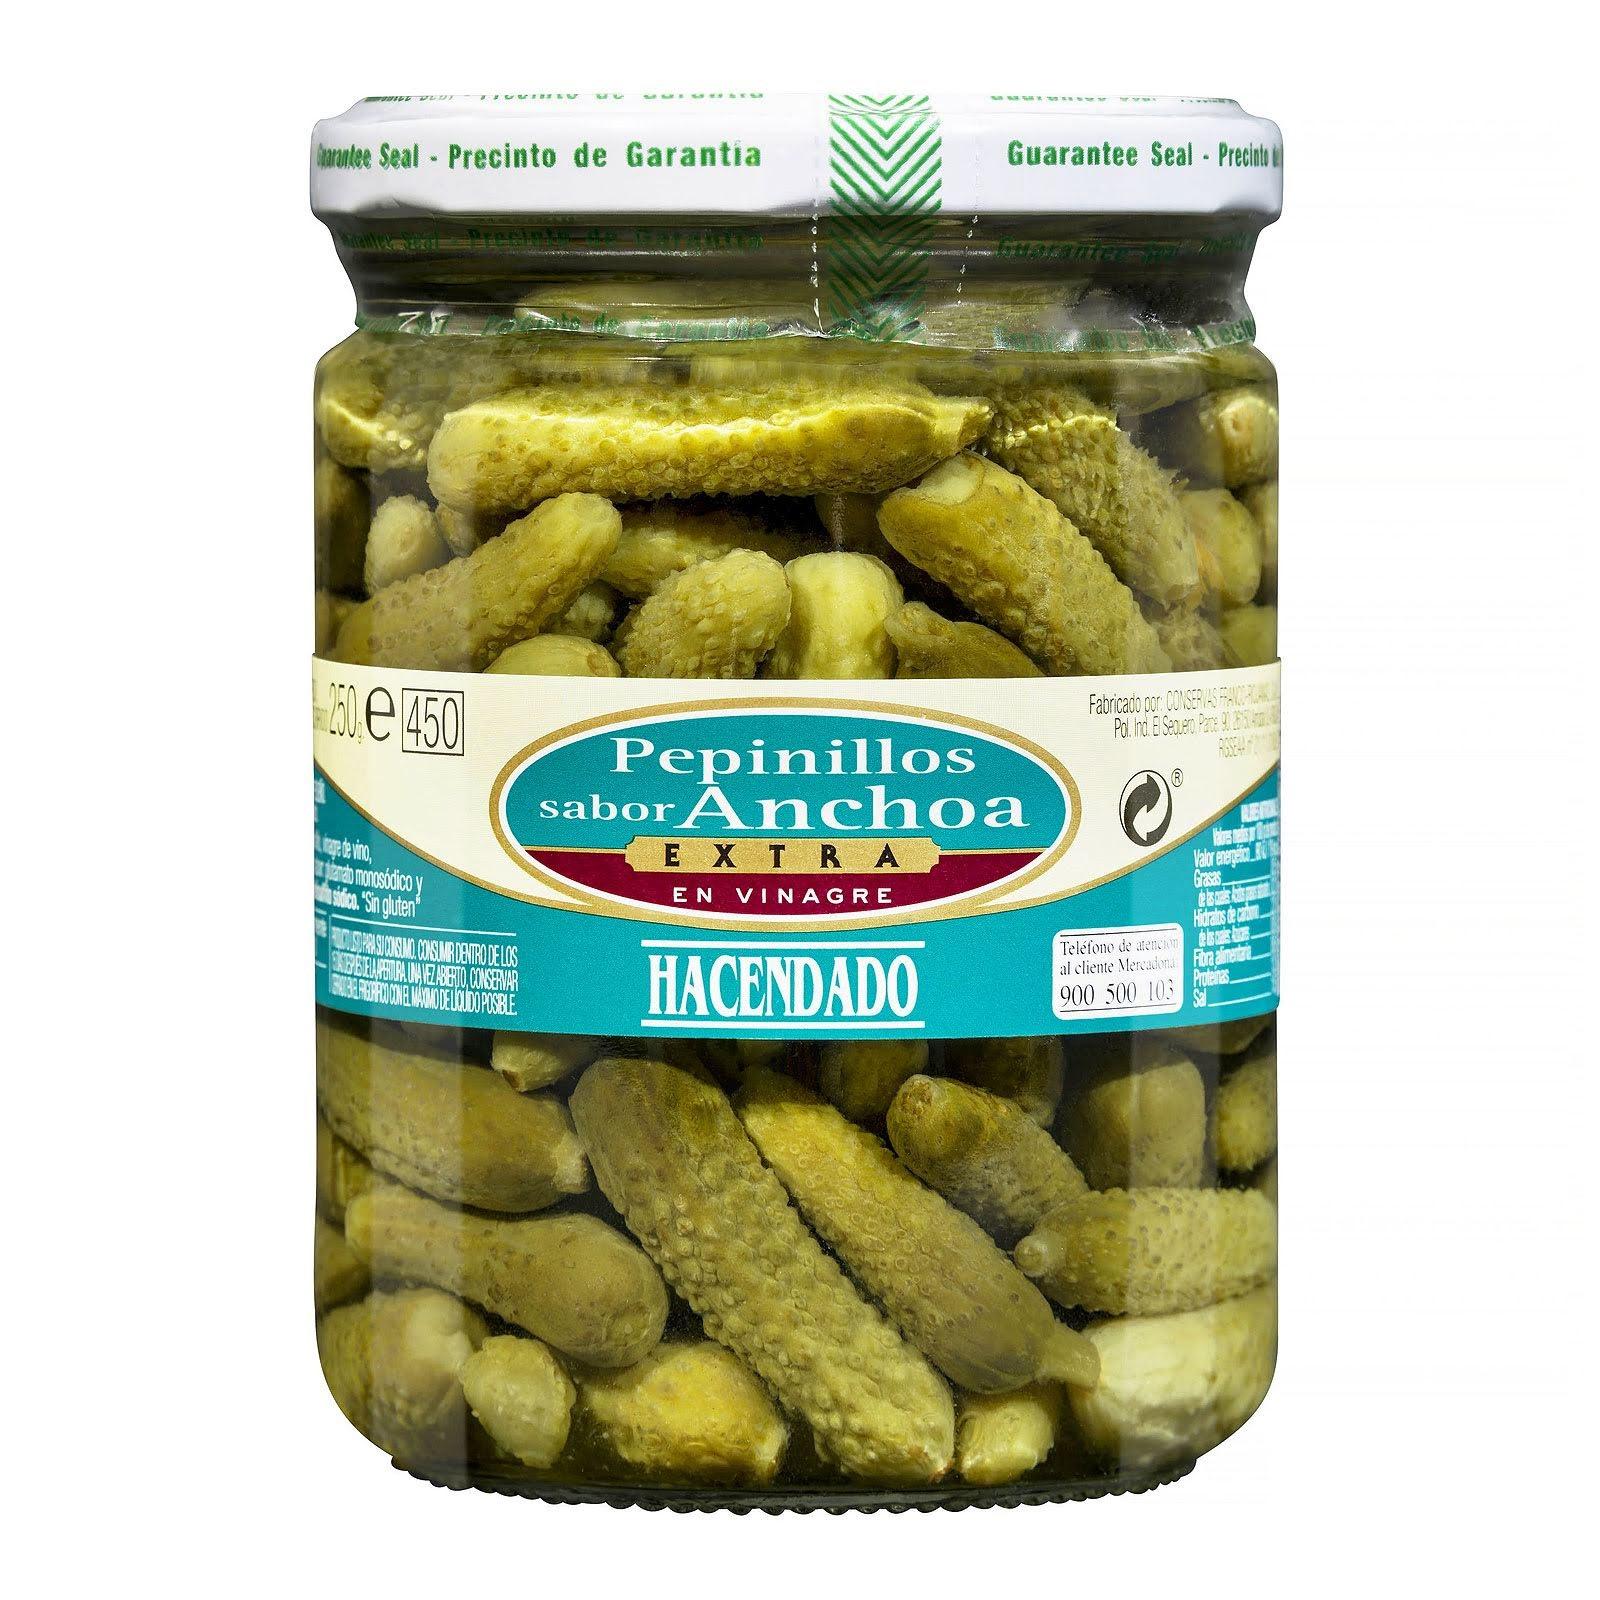 Pepinillos sabor anchoa extra en vinagre Hacendado